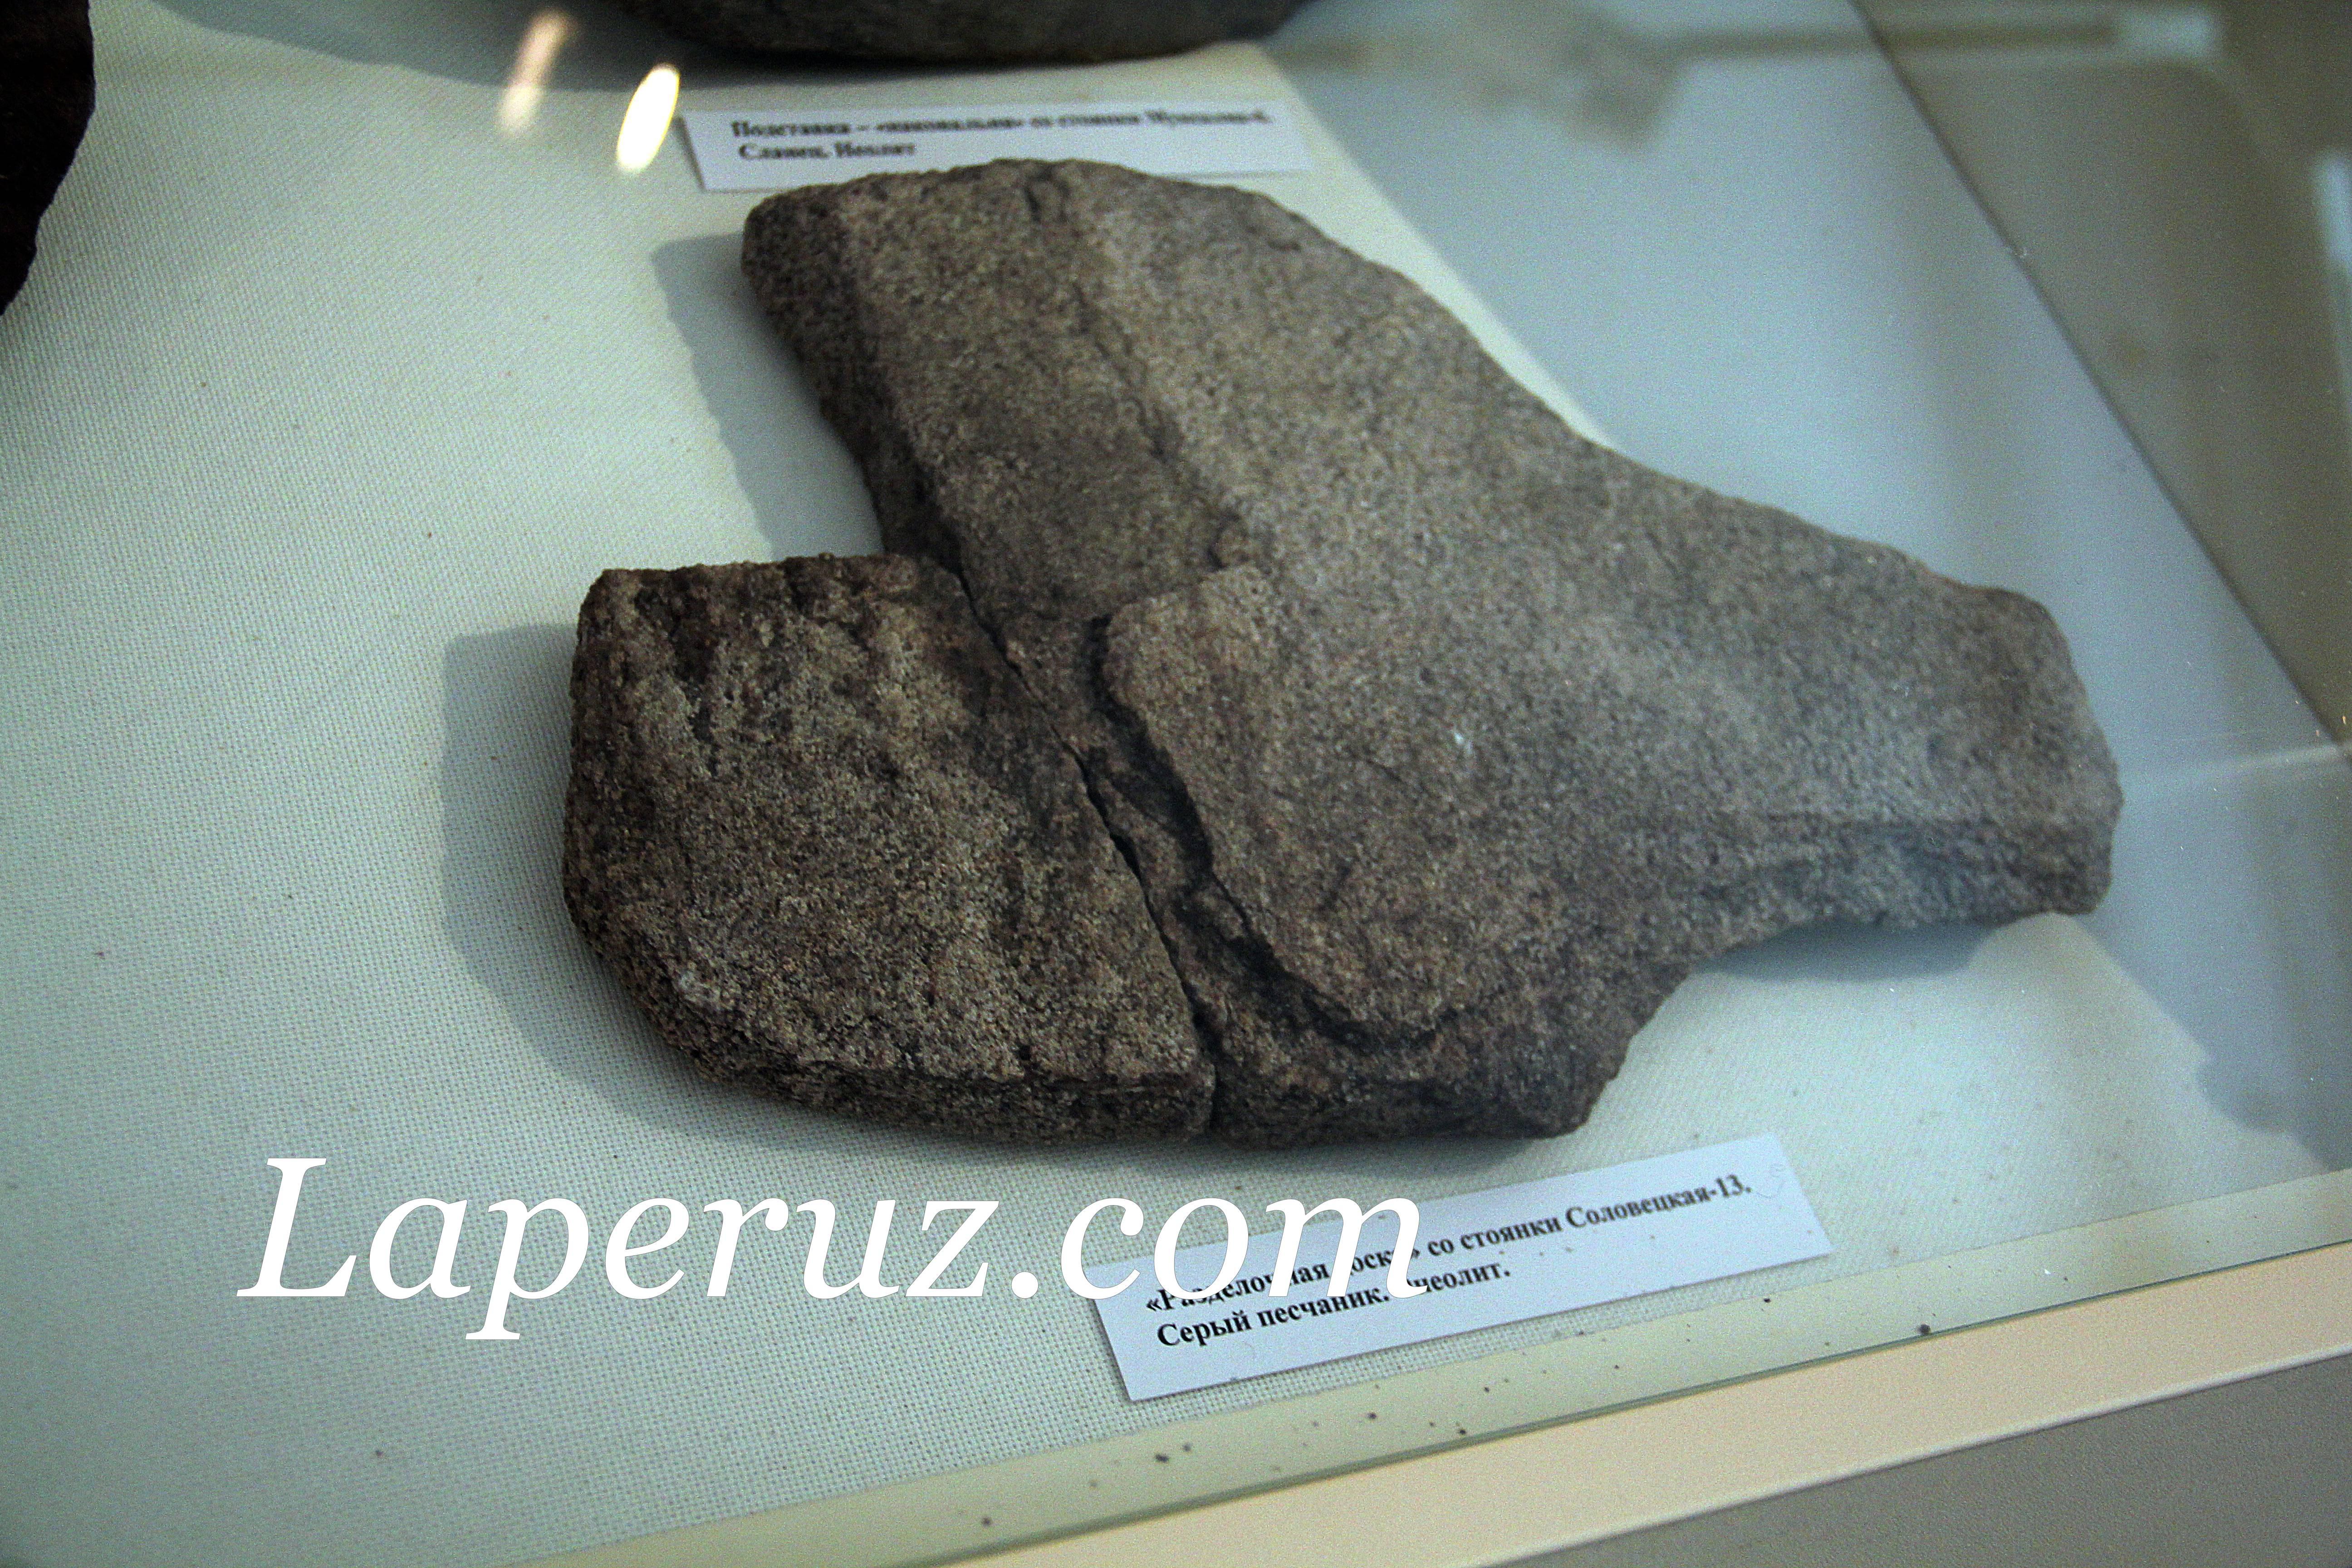 arheologicheskii_muzei_solovki_razdelochnaya_doska